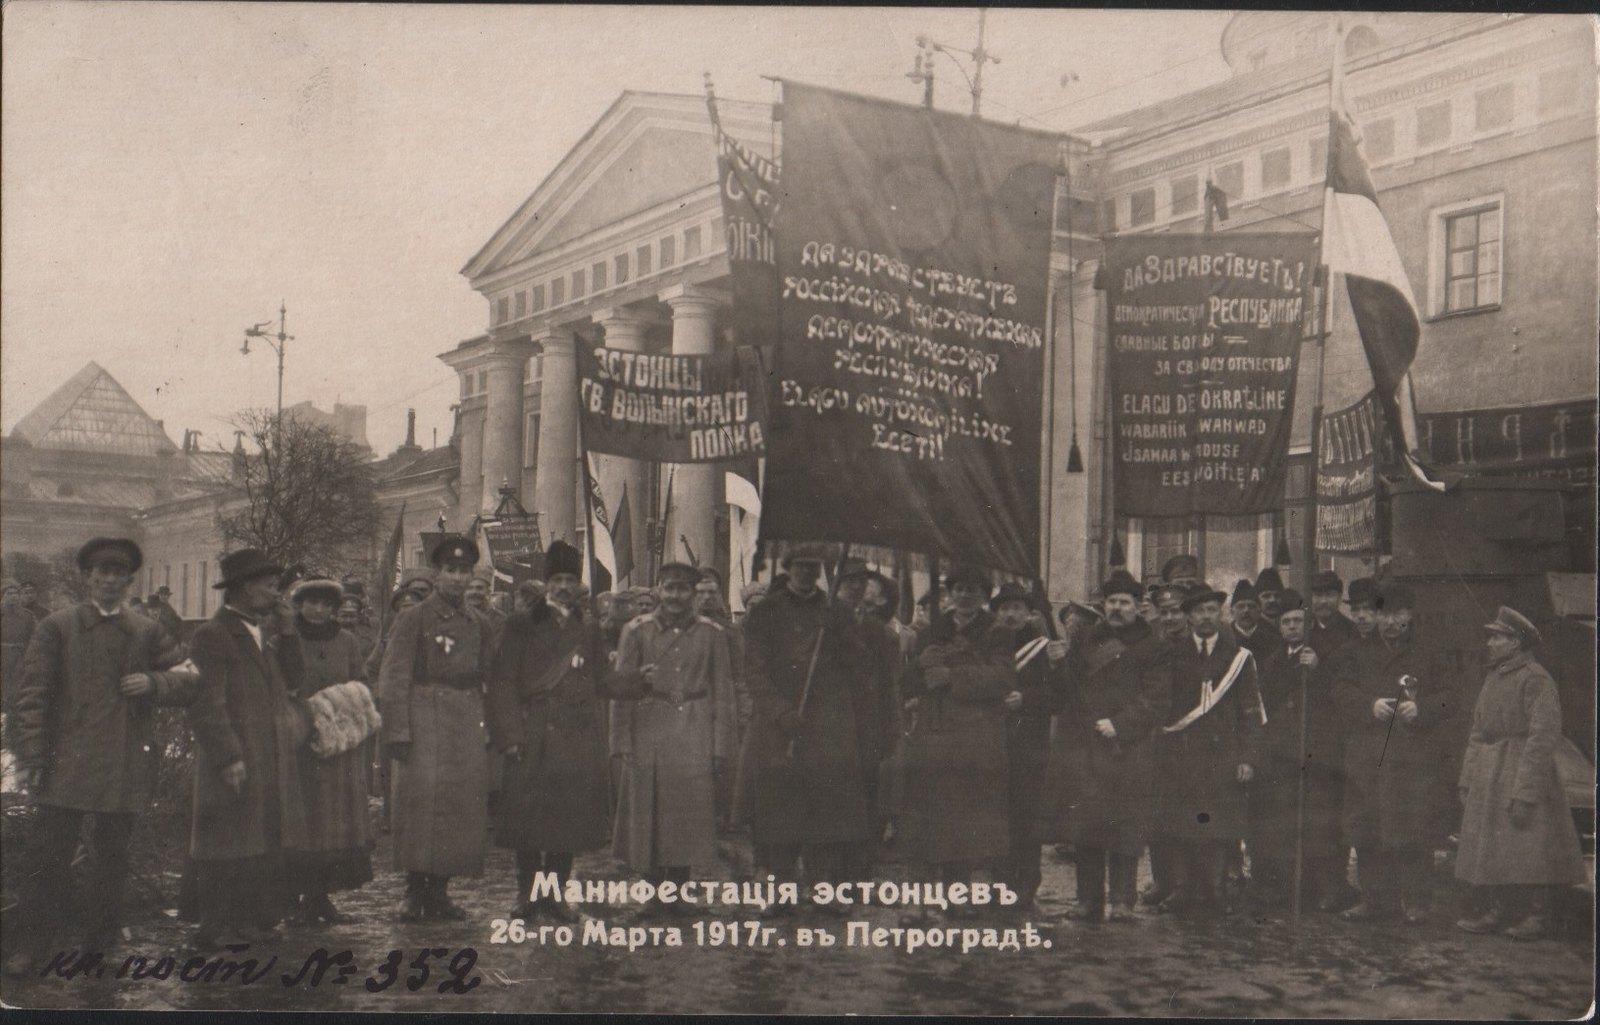 08. 26-го марта. Манифестация эстонцев  в Петрограде.1